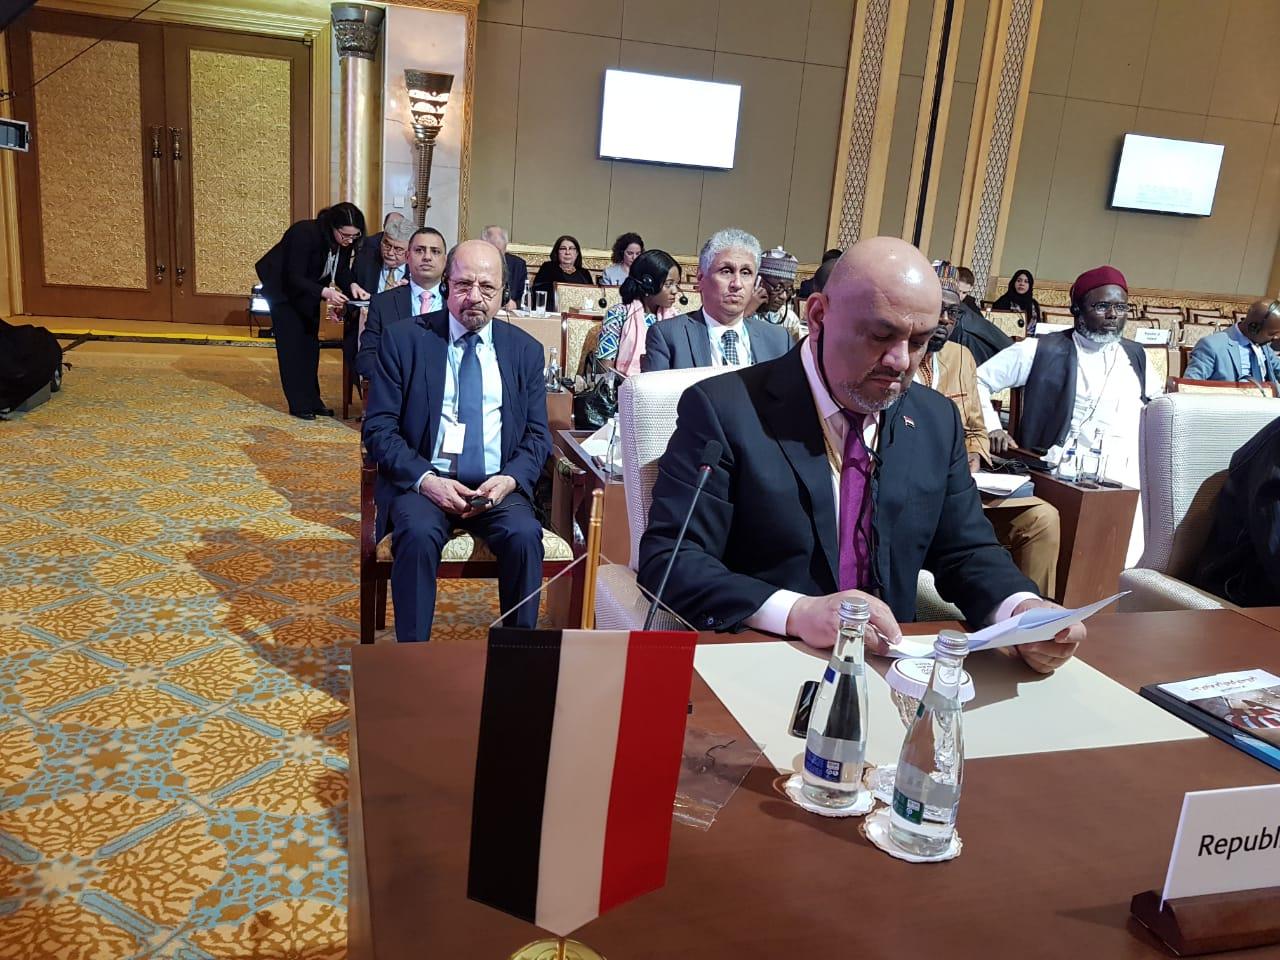 اليماني يدعو إيران للتوقف عن دعم الحوثيين ويحذر من الفشل في تنفيذ اتفاق الحديدة